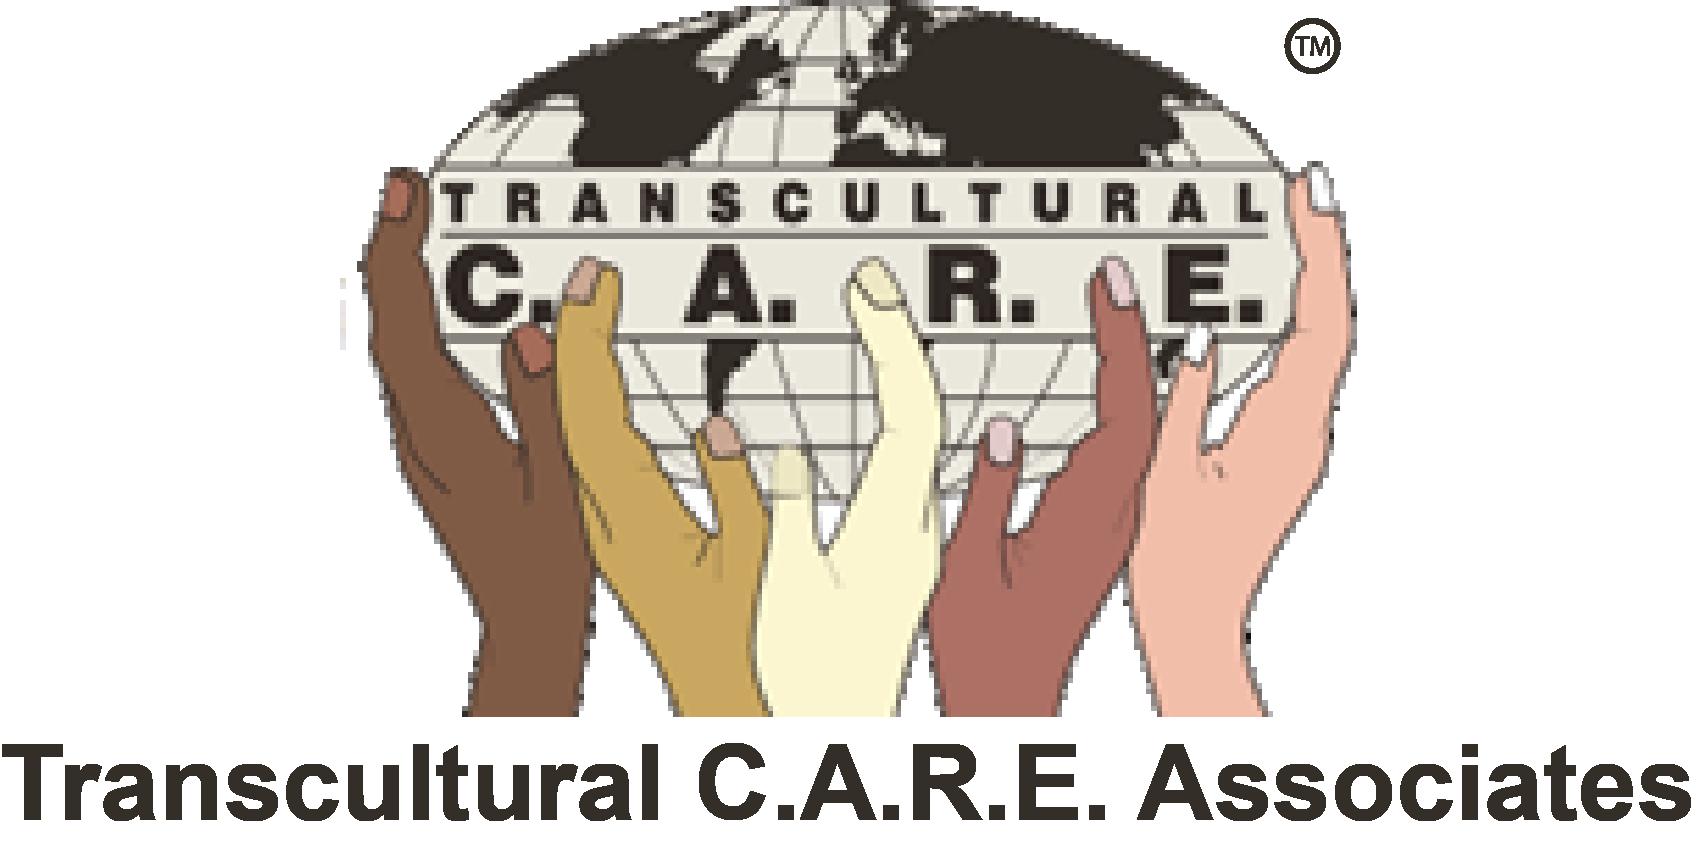 Transcultural C.A.R.E Associates